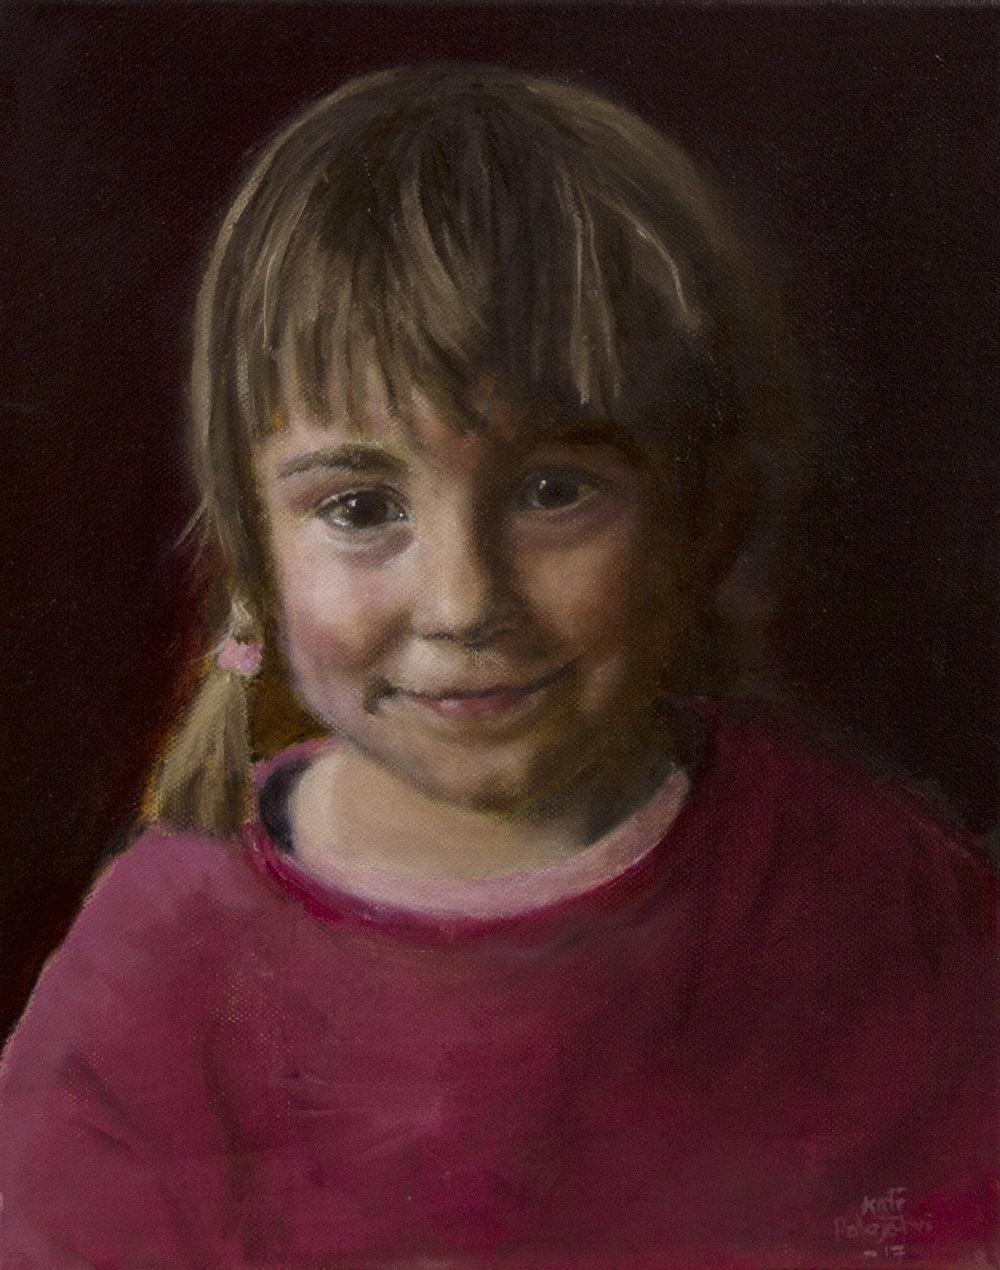 Kati Holopaisen maalaus